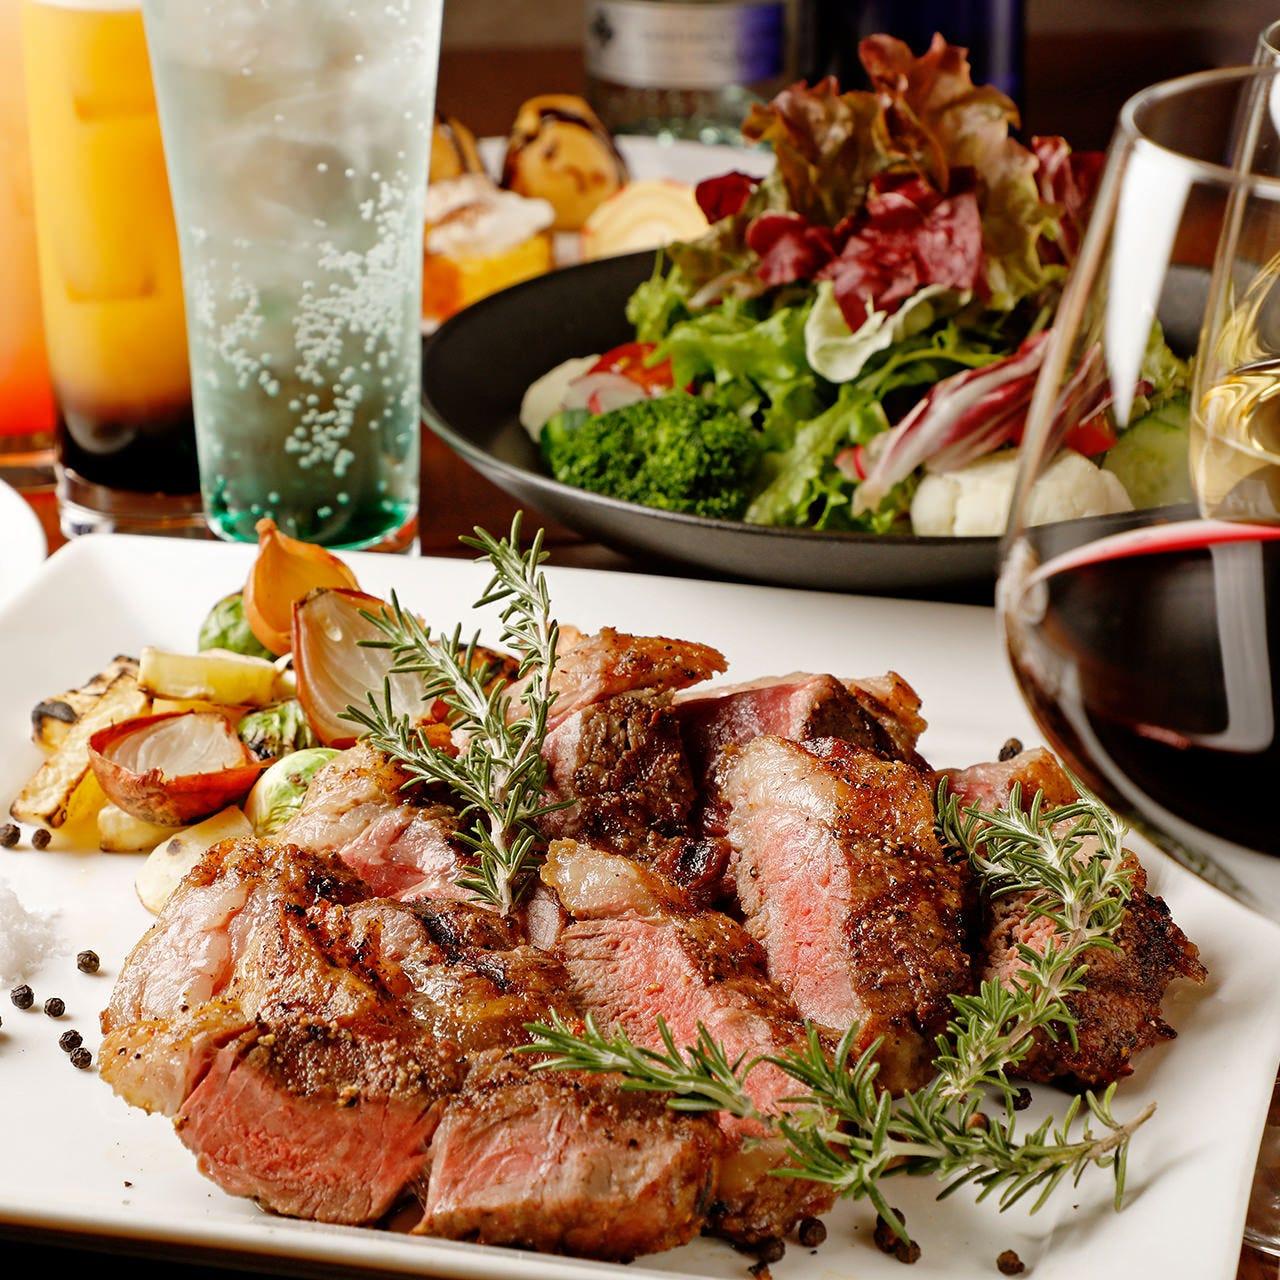 お肉やお魚、パスタなど本格イタリアンを味わえる宴会コース